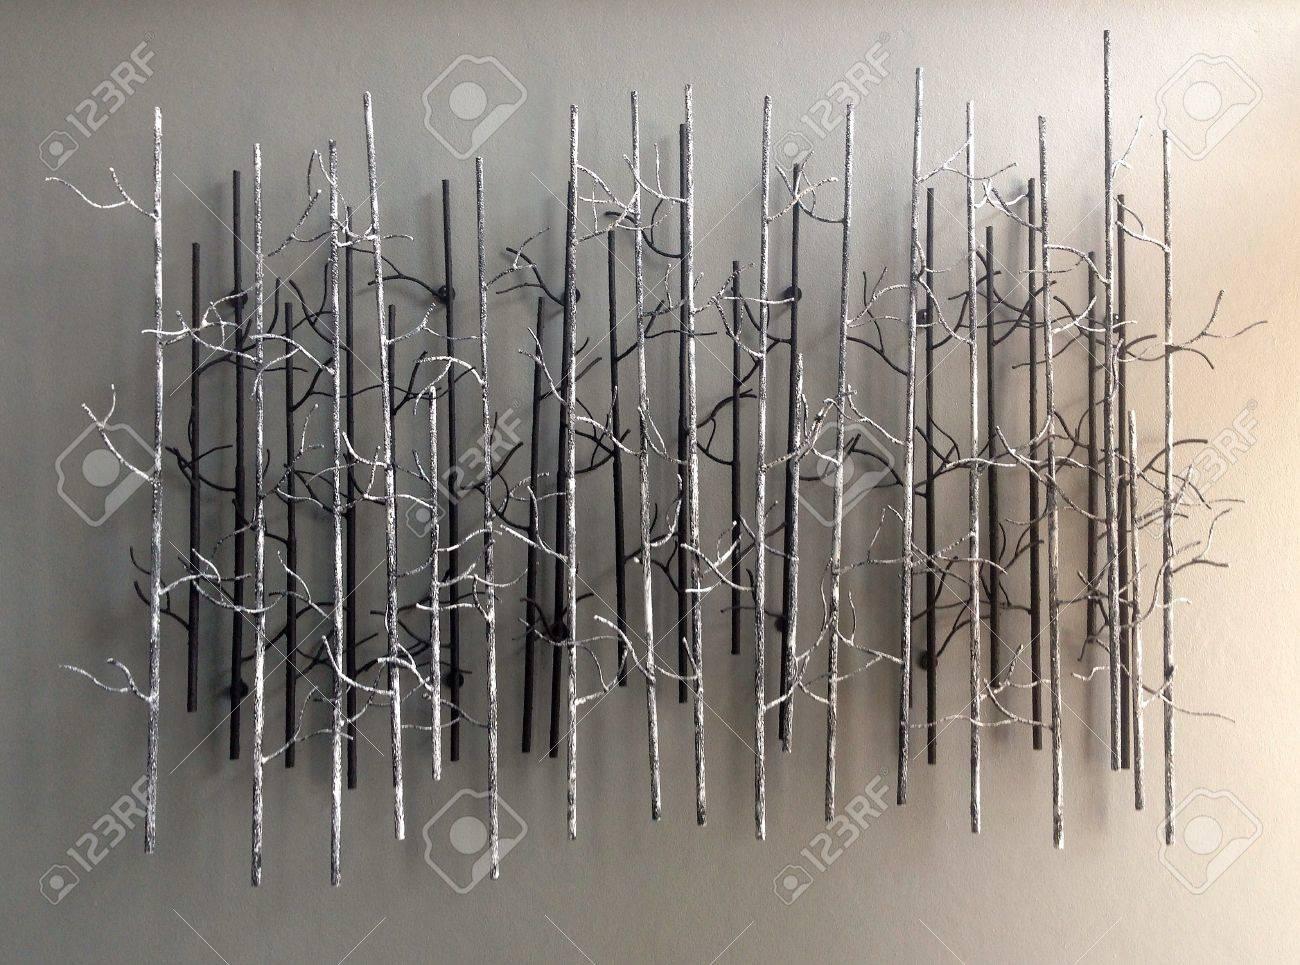 ast abstrakte dekoration für wand lizenzfreie fotos, bilder und, Wohnzimmer dekoo